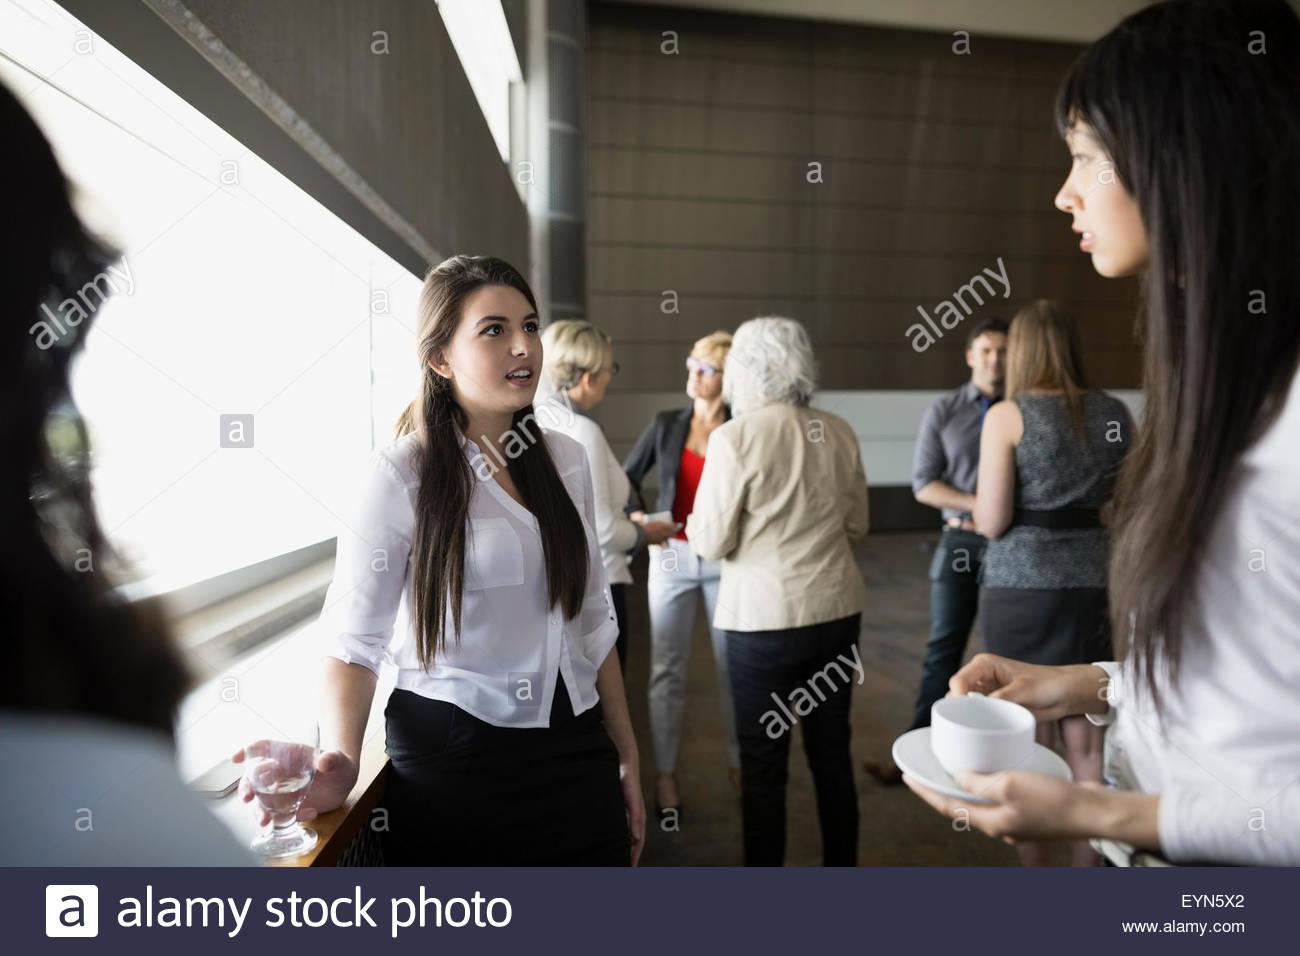 Image sociabilisation des jeunes femmes à l'auditorium Photo Stock